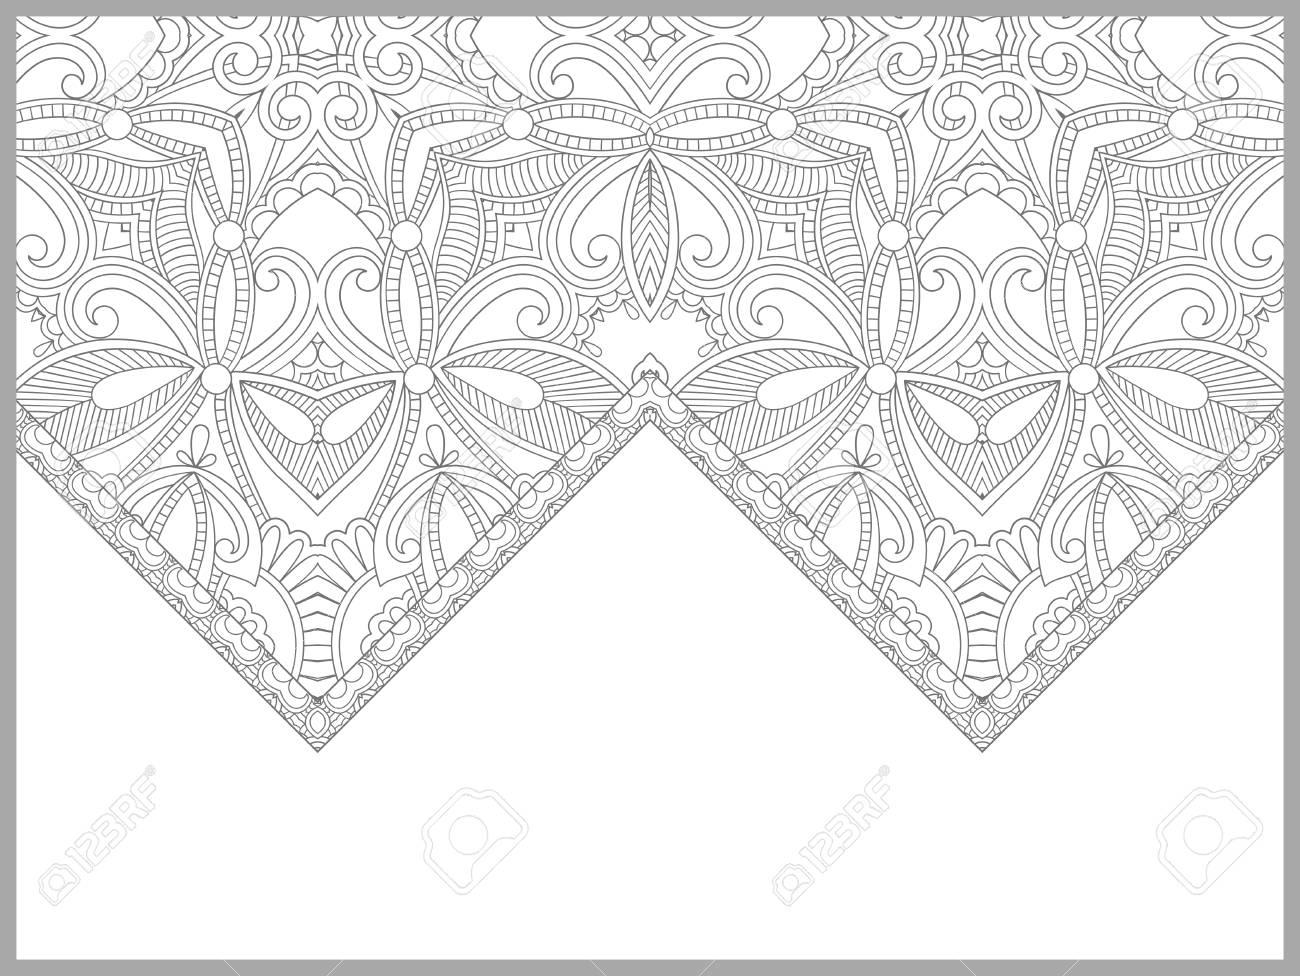 Famoso Diagrama En Blanco De La Oreja Cresta - Anatomía de Las ...